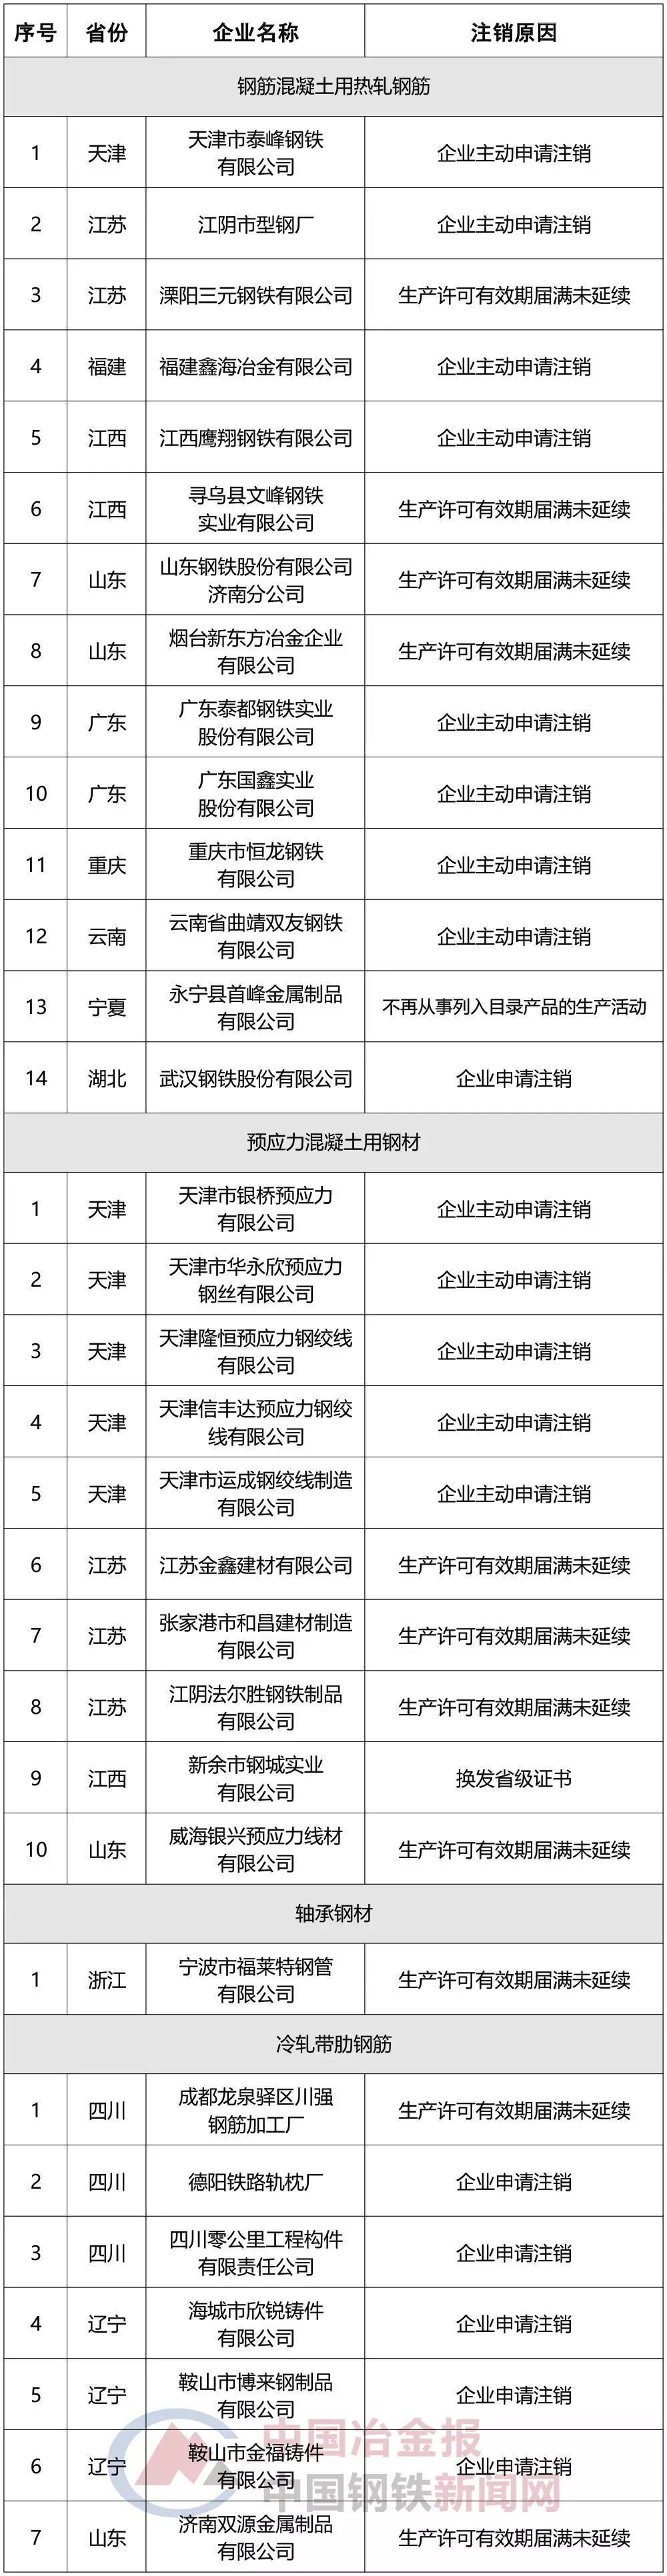 多家企業鋼材生產許可證被注銷